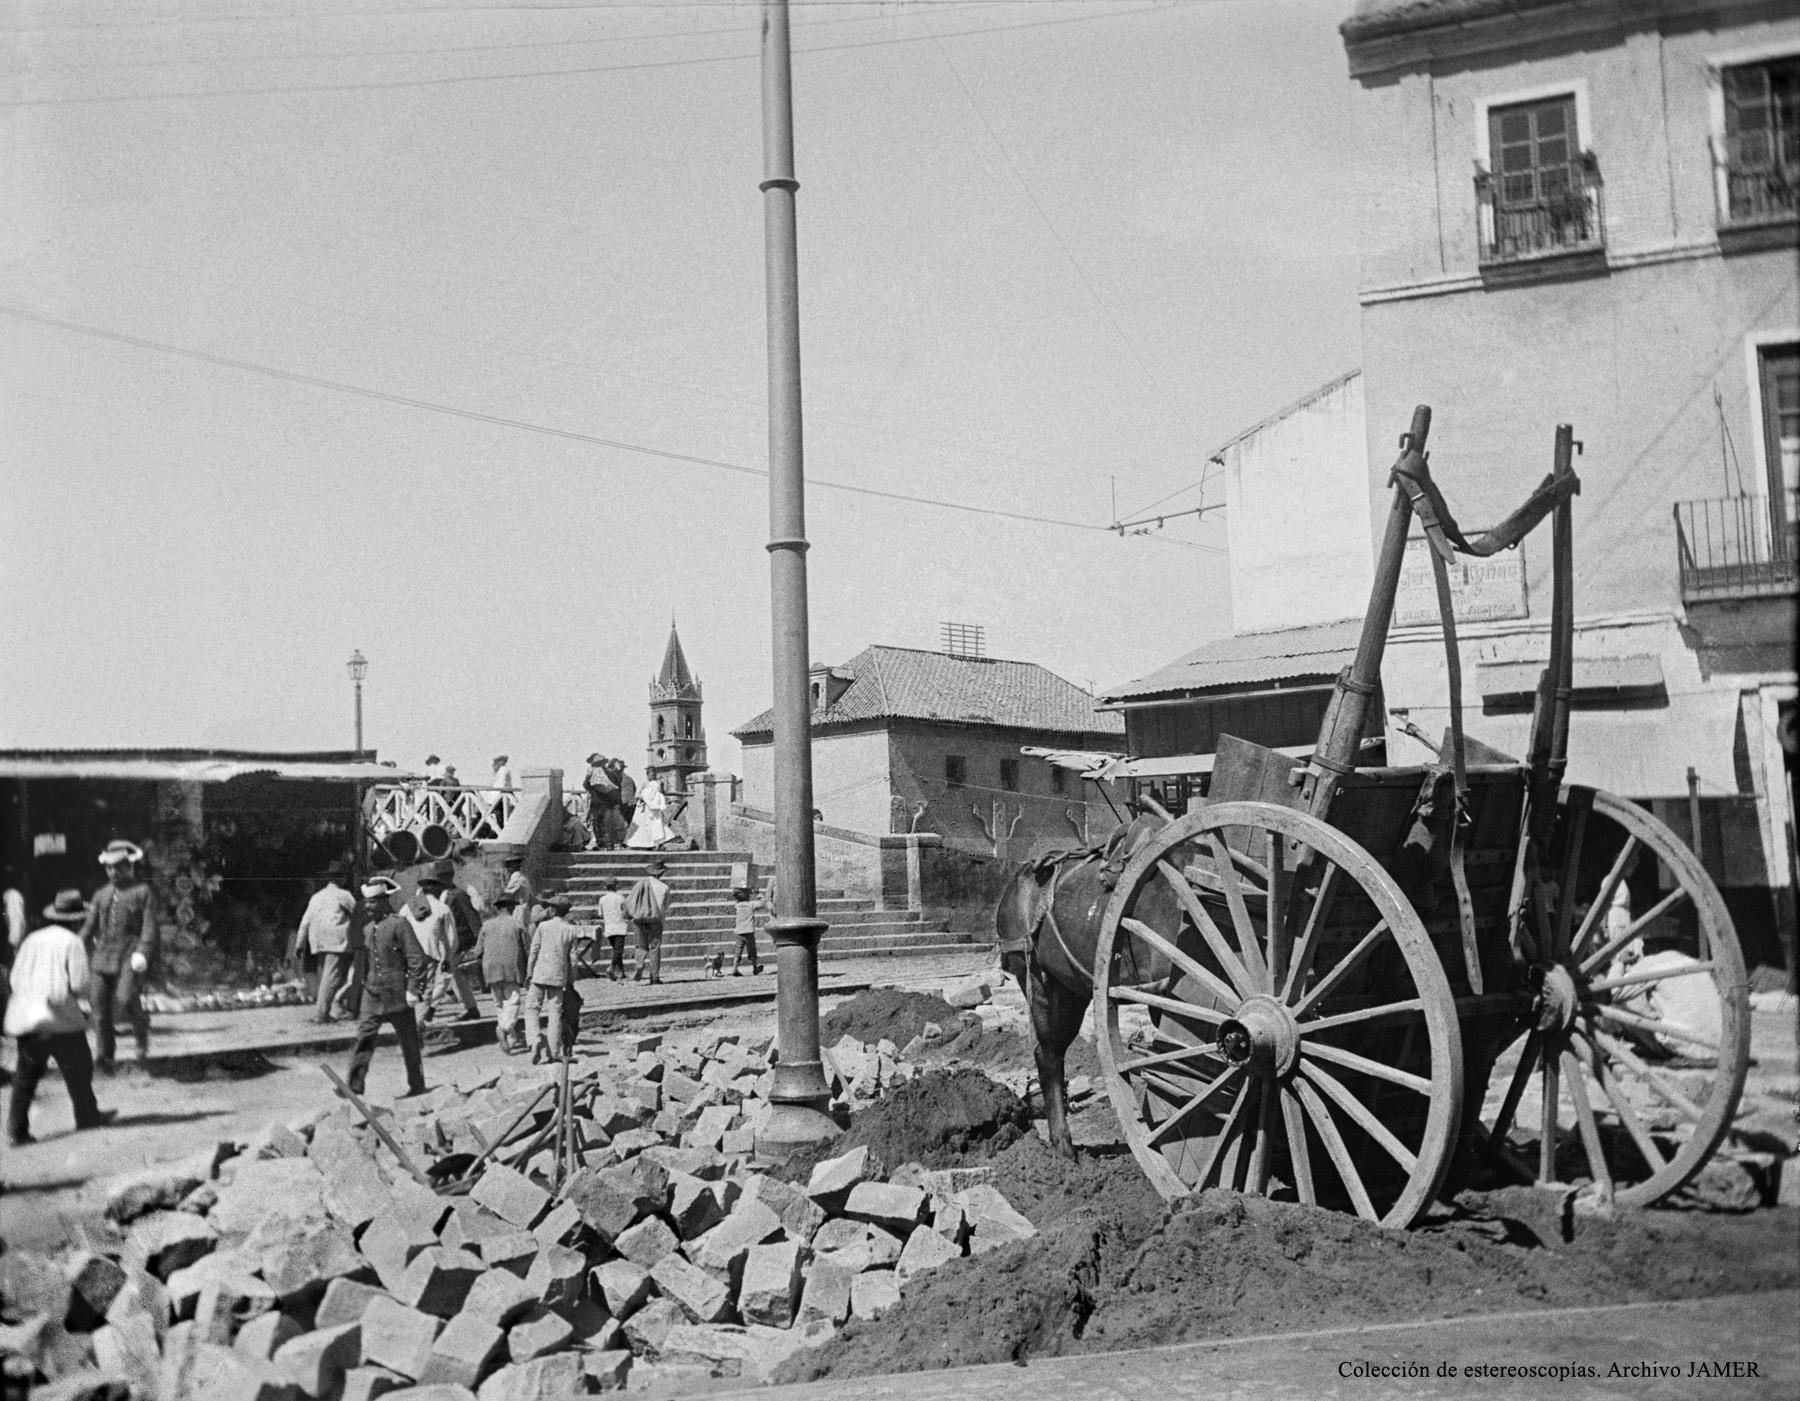 Málaga. Obras de saneamiento urbano en Puerta Nueva esquina Carreterías hacia 1905. Archivo Jamer